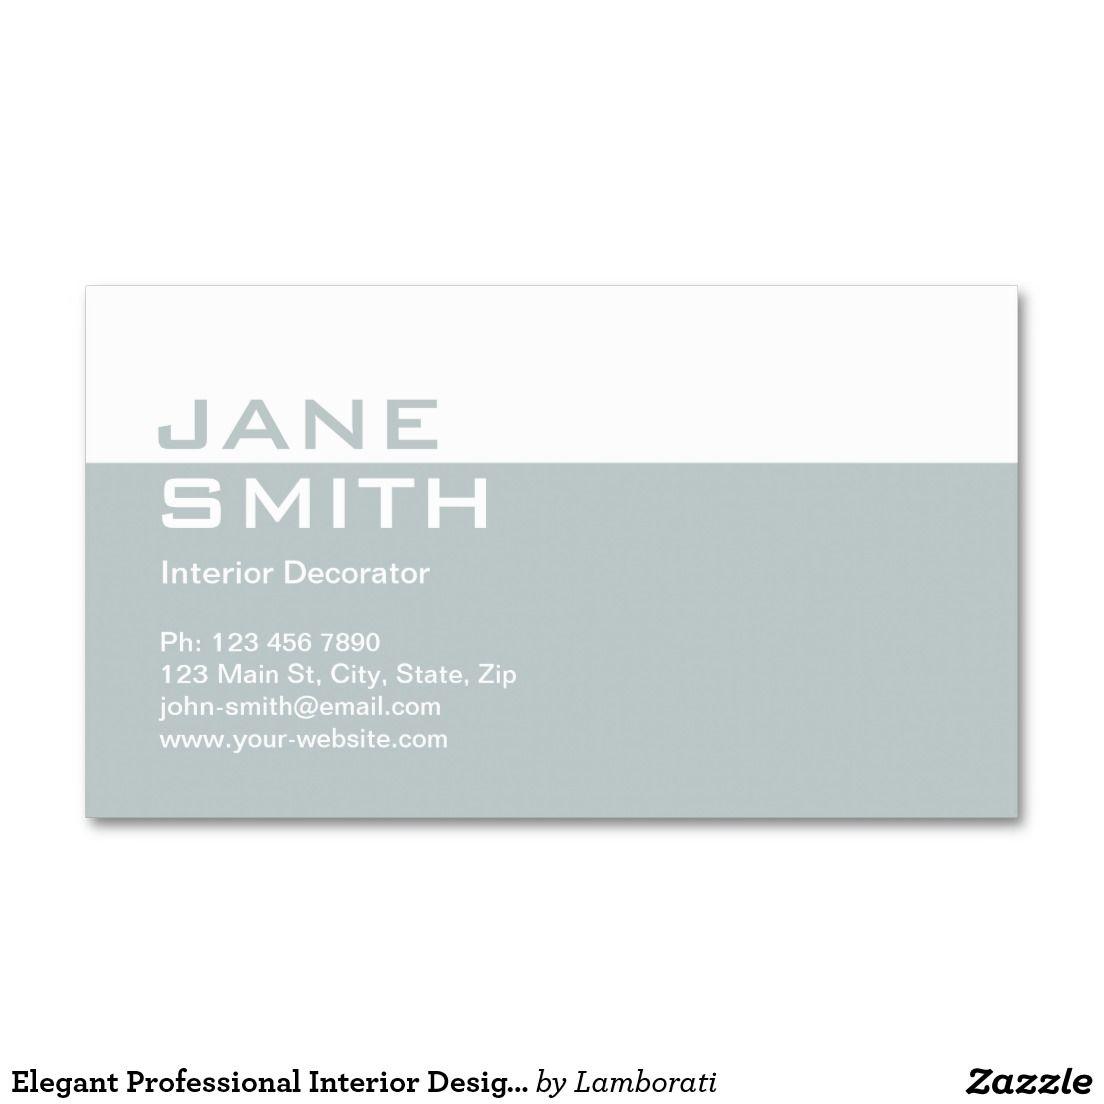 Elegant Professional Interior Design Decorator | Business Cards ...